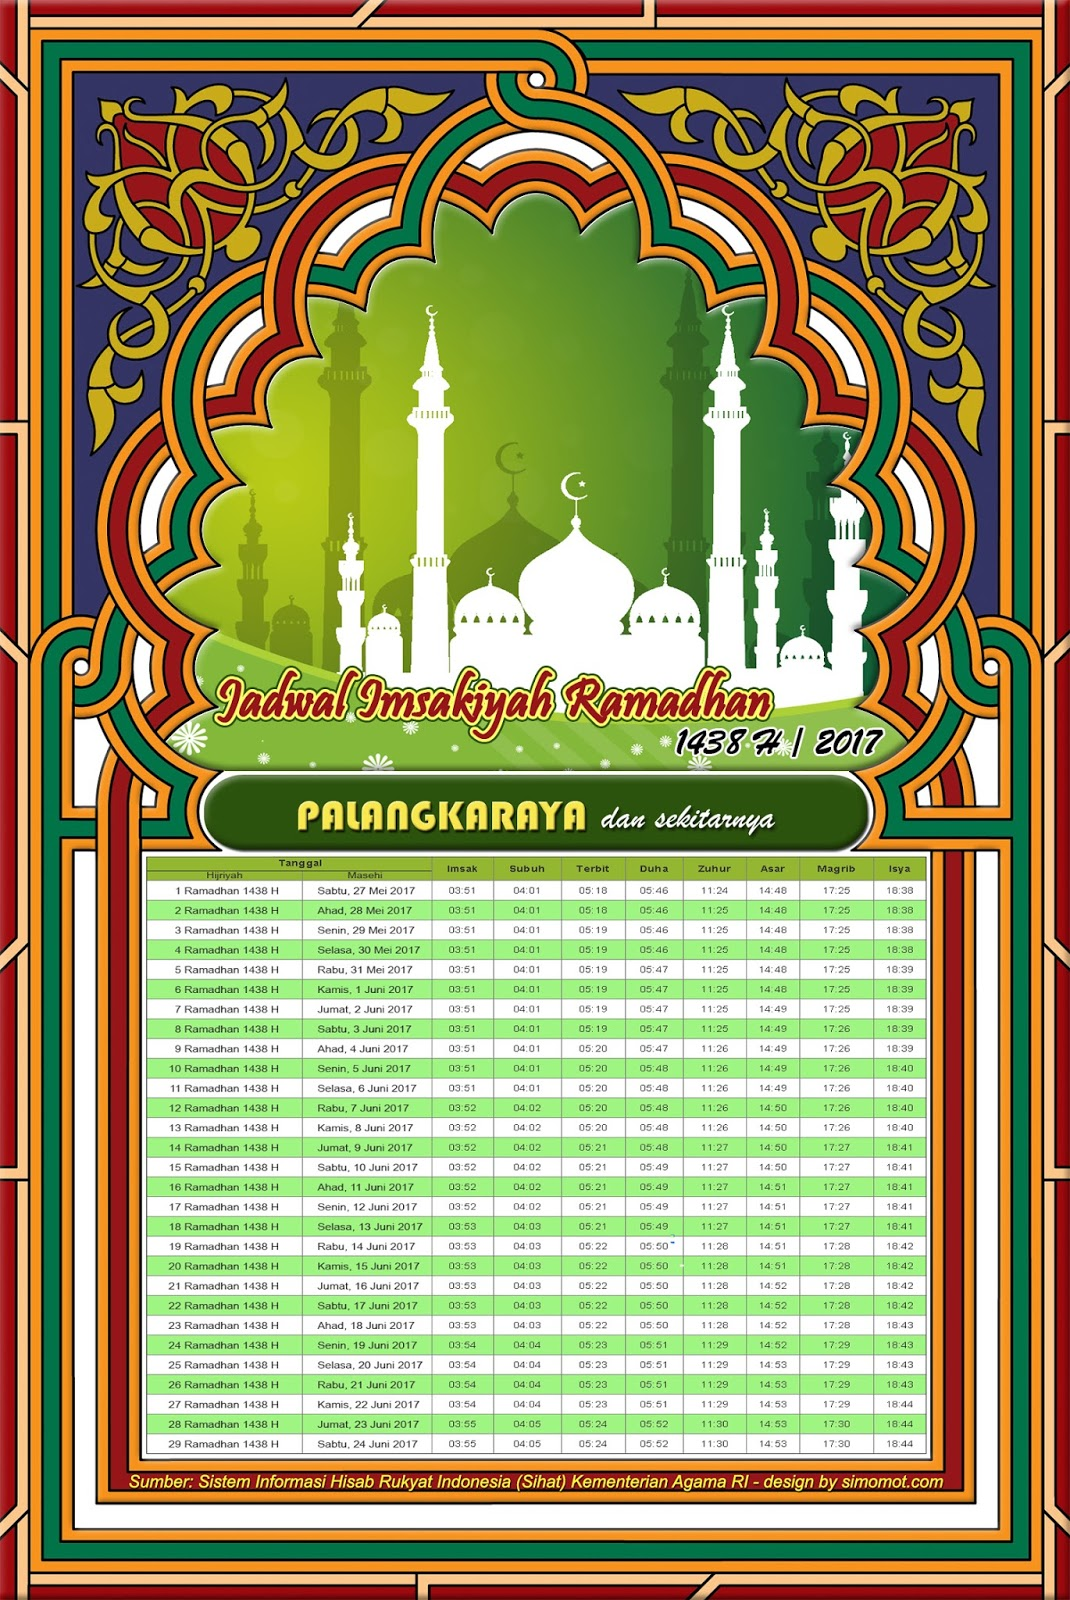 Jadwal Imsakiyah Palangkaraya 2017 1438 H